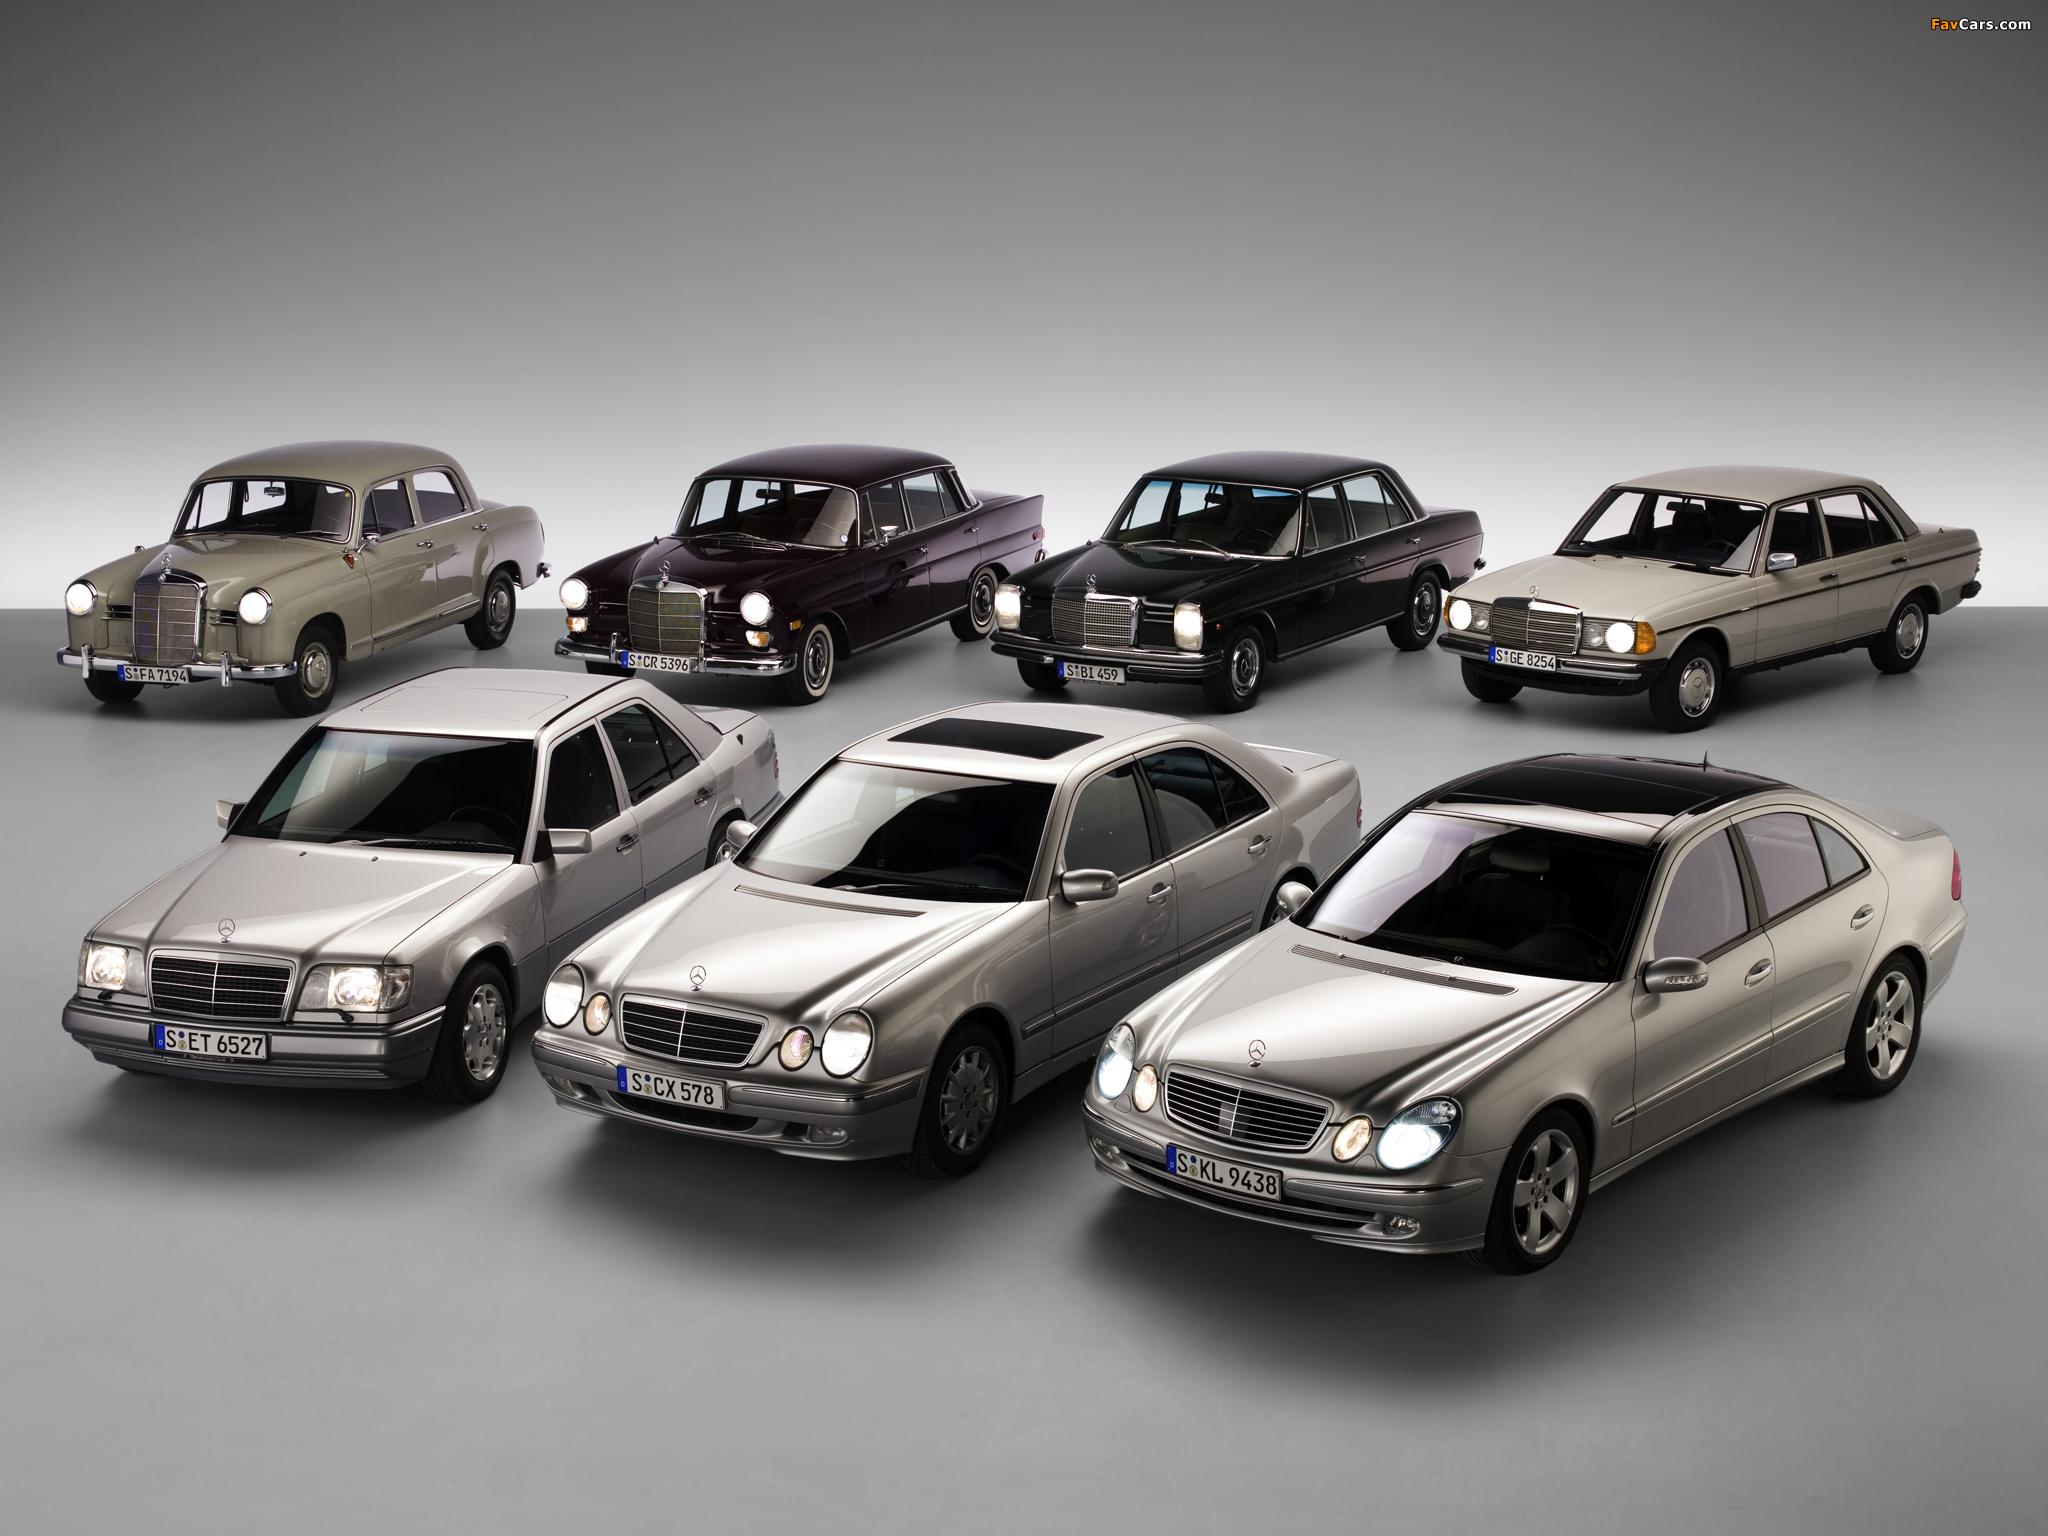 фото автомобилей по маркам и модельному ряду #10